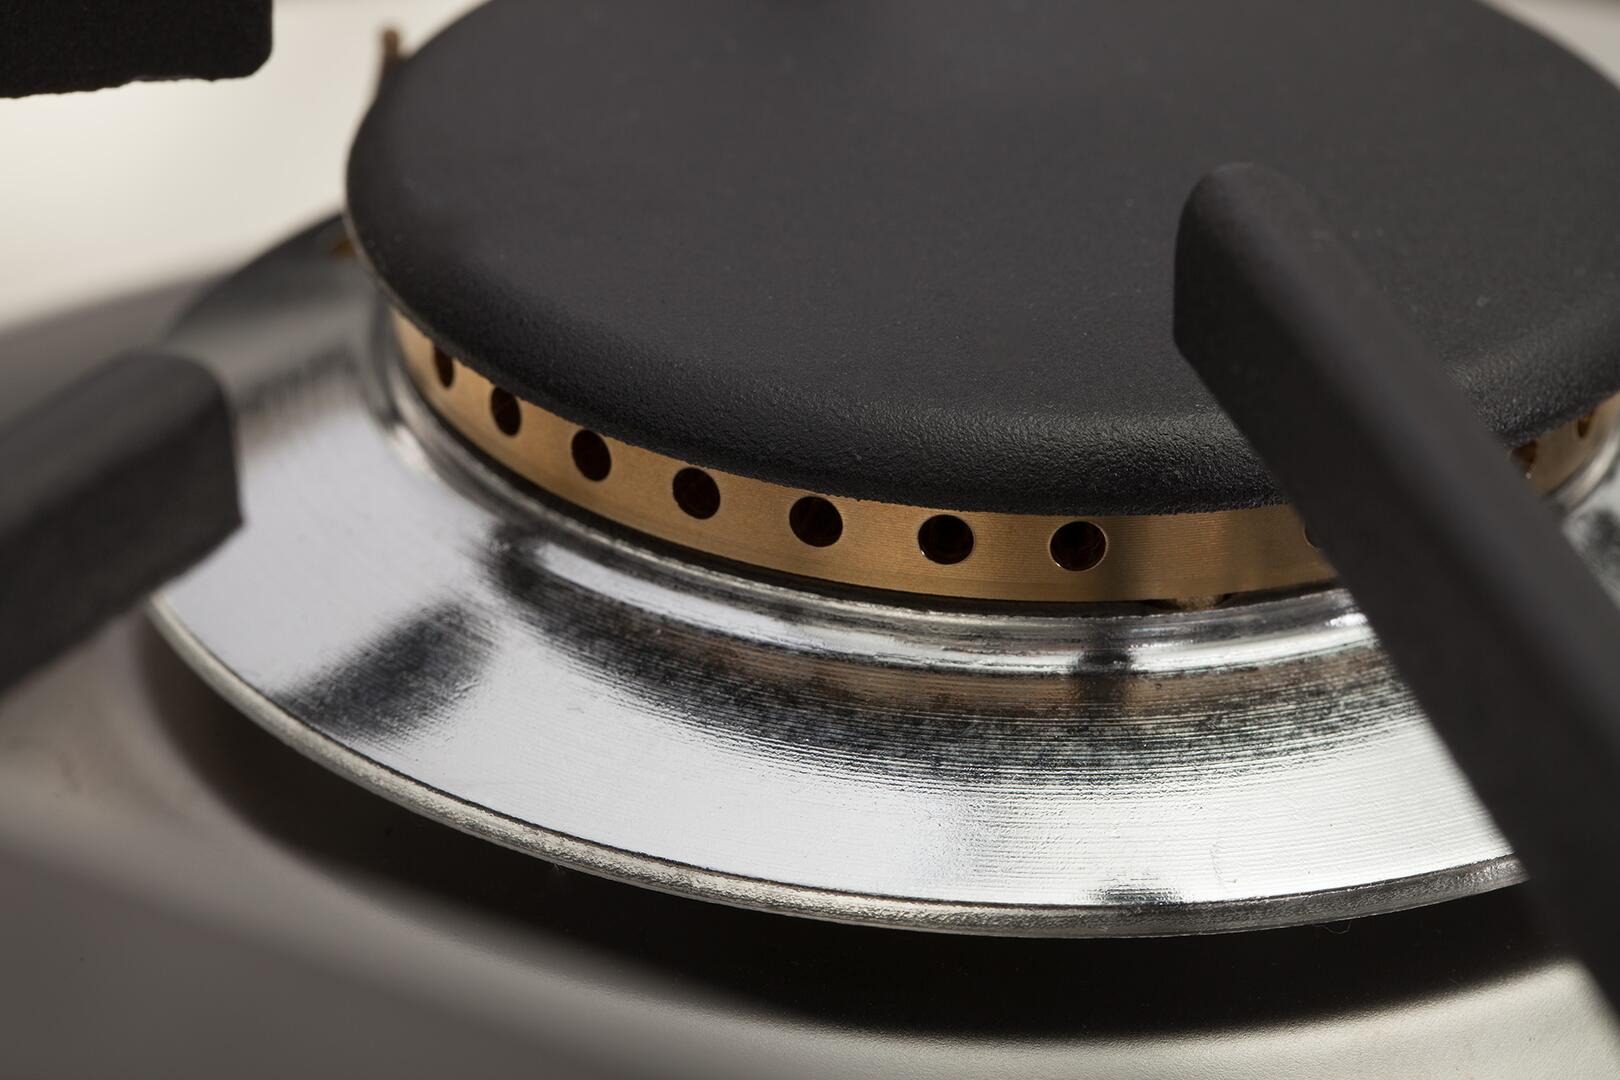 Ilve Nostalgie UPN60DMPN Freestanding Dual Fuel Range Black, 16